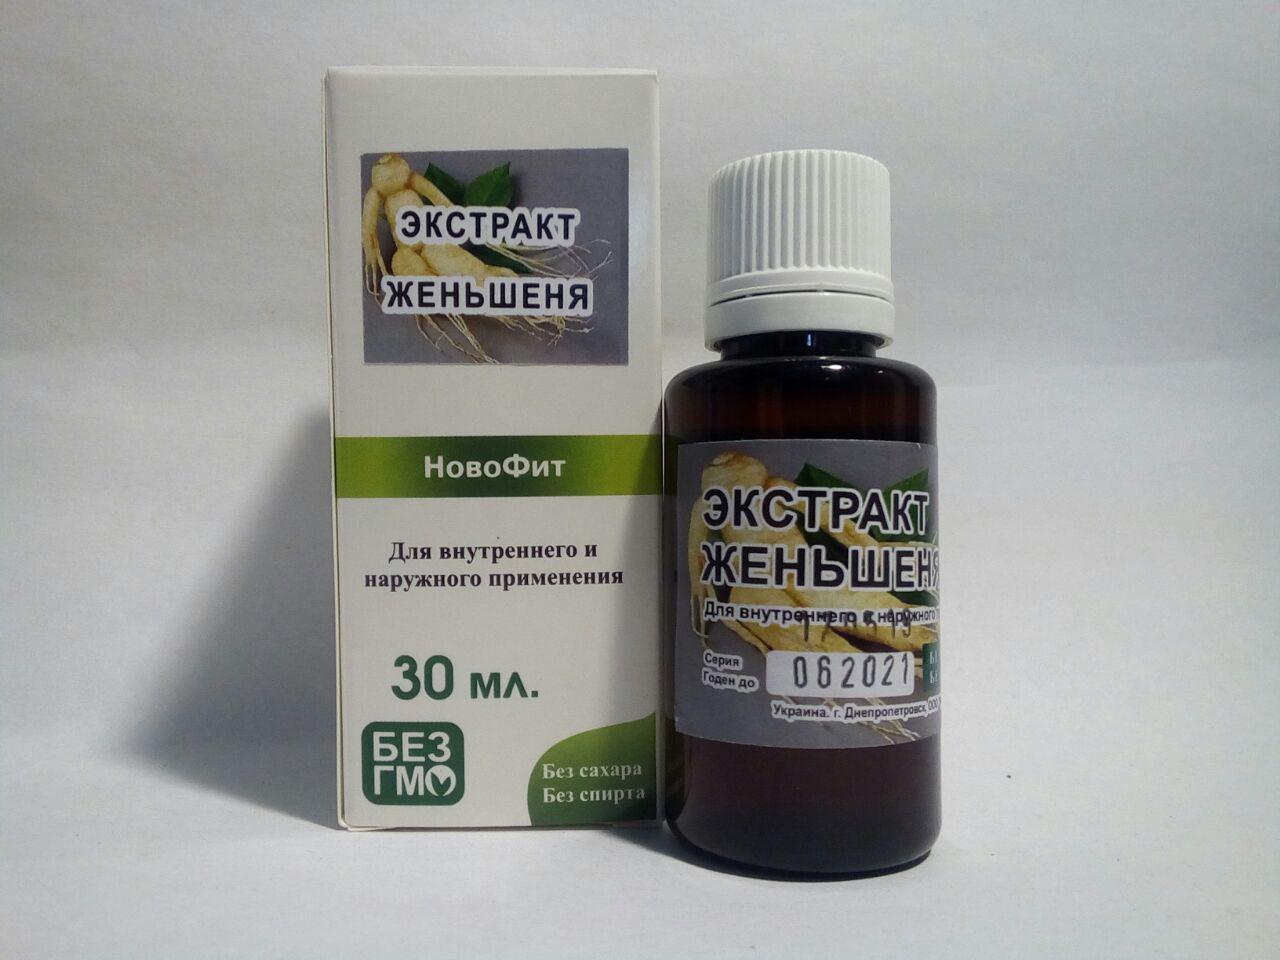 адаптоген для повышения защитных сил организма после болезни и при низком давлении